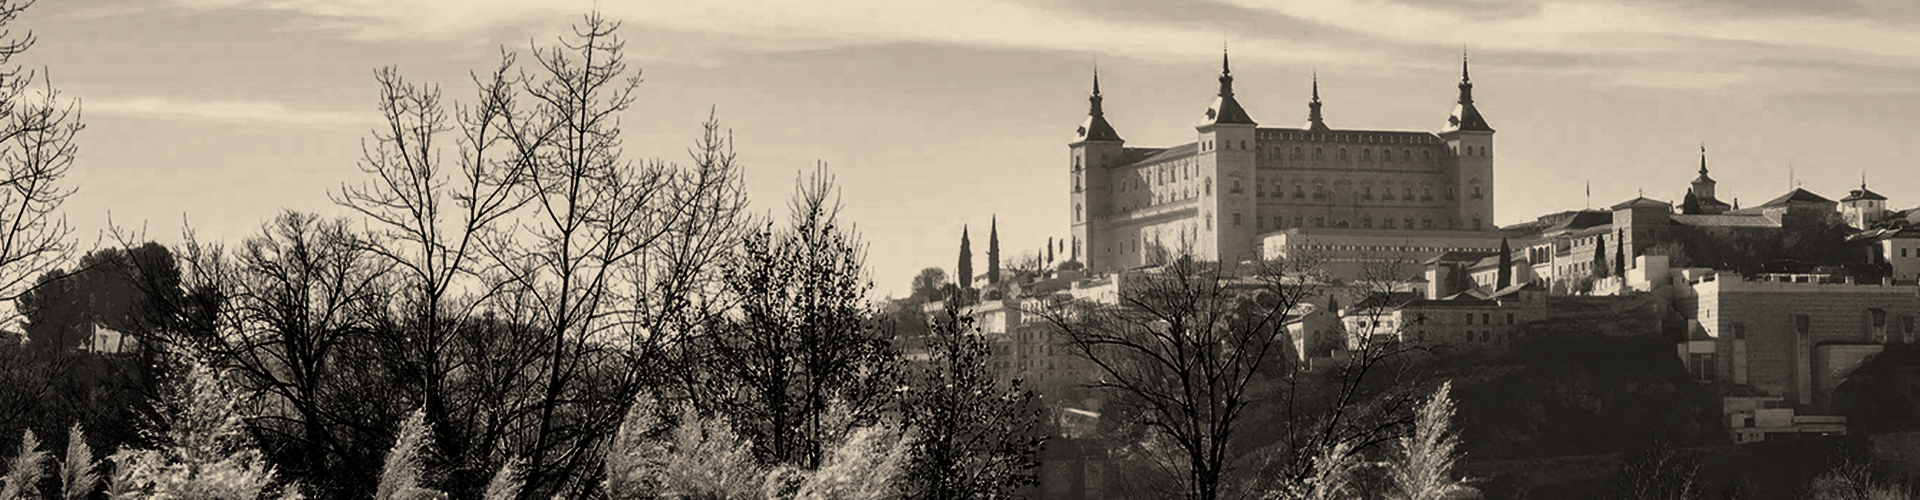 Toledo día completo - 8 horas - 600 €